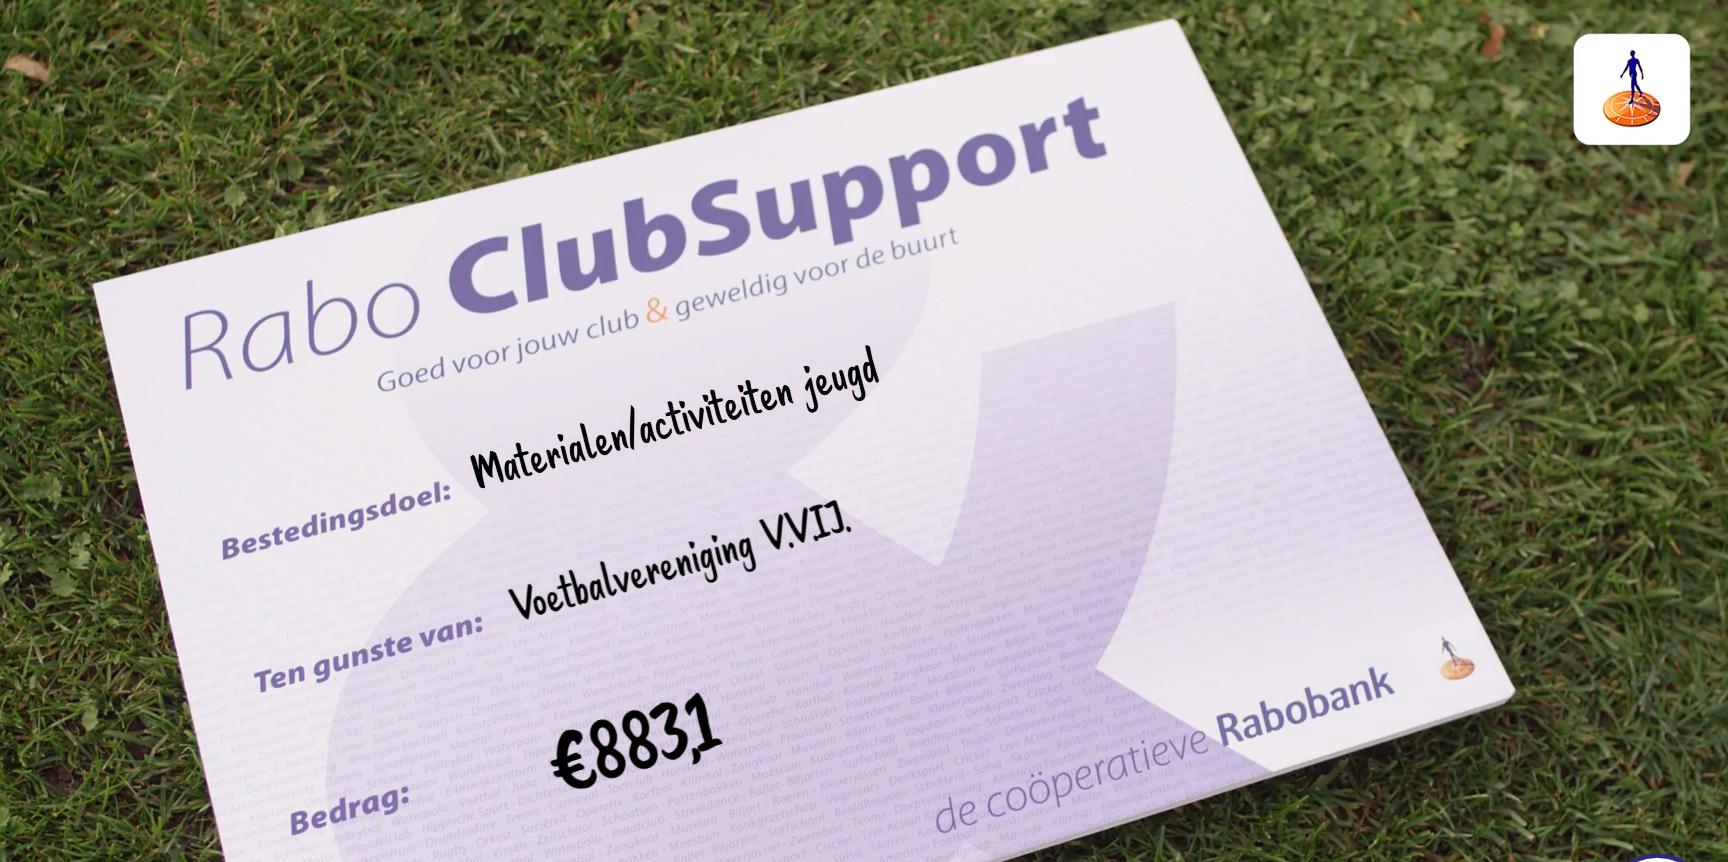 Rabo Clubsupport- VVIJ bedankt alle stemmers!